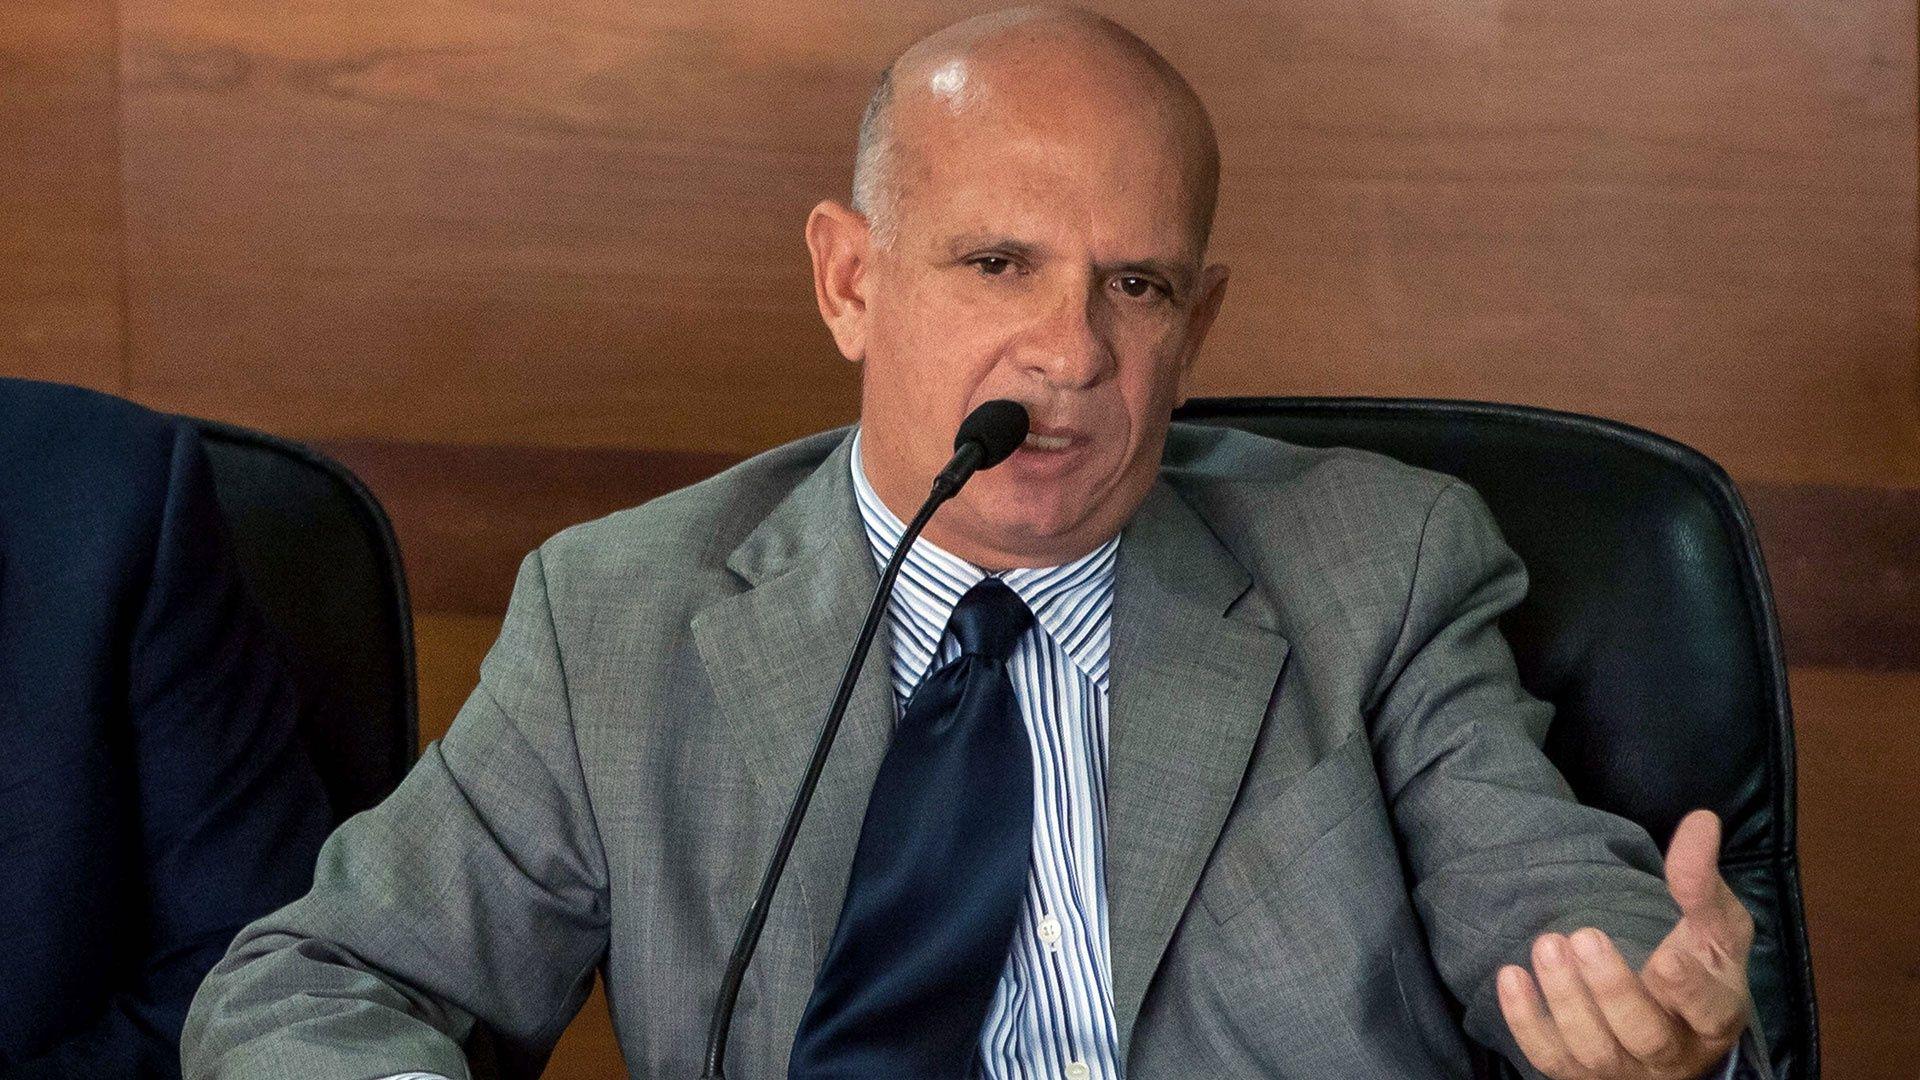 El País: Hugo Carvajal se fuga para evitar la extradición a EEUU